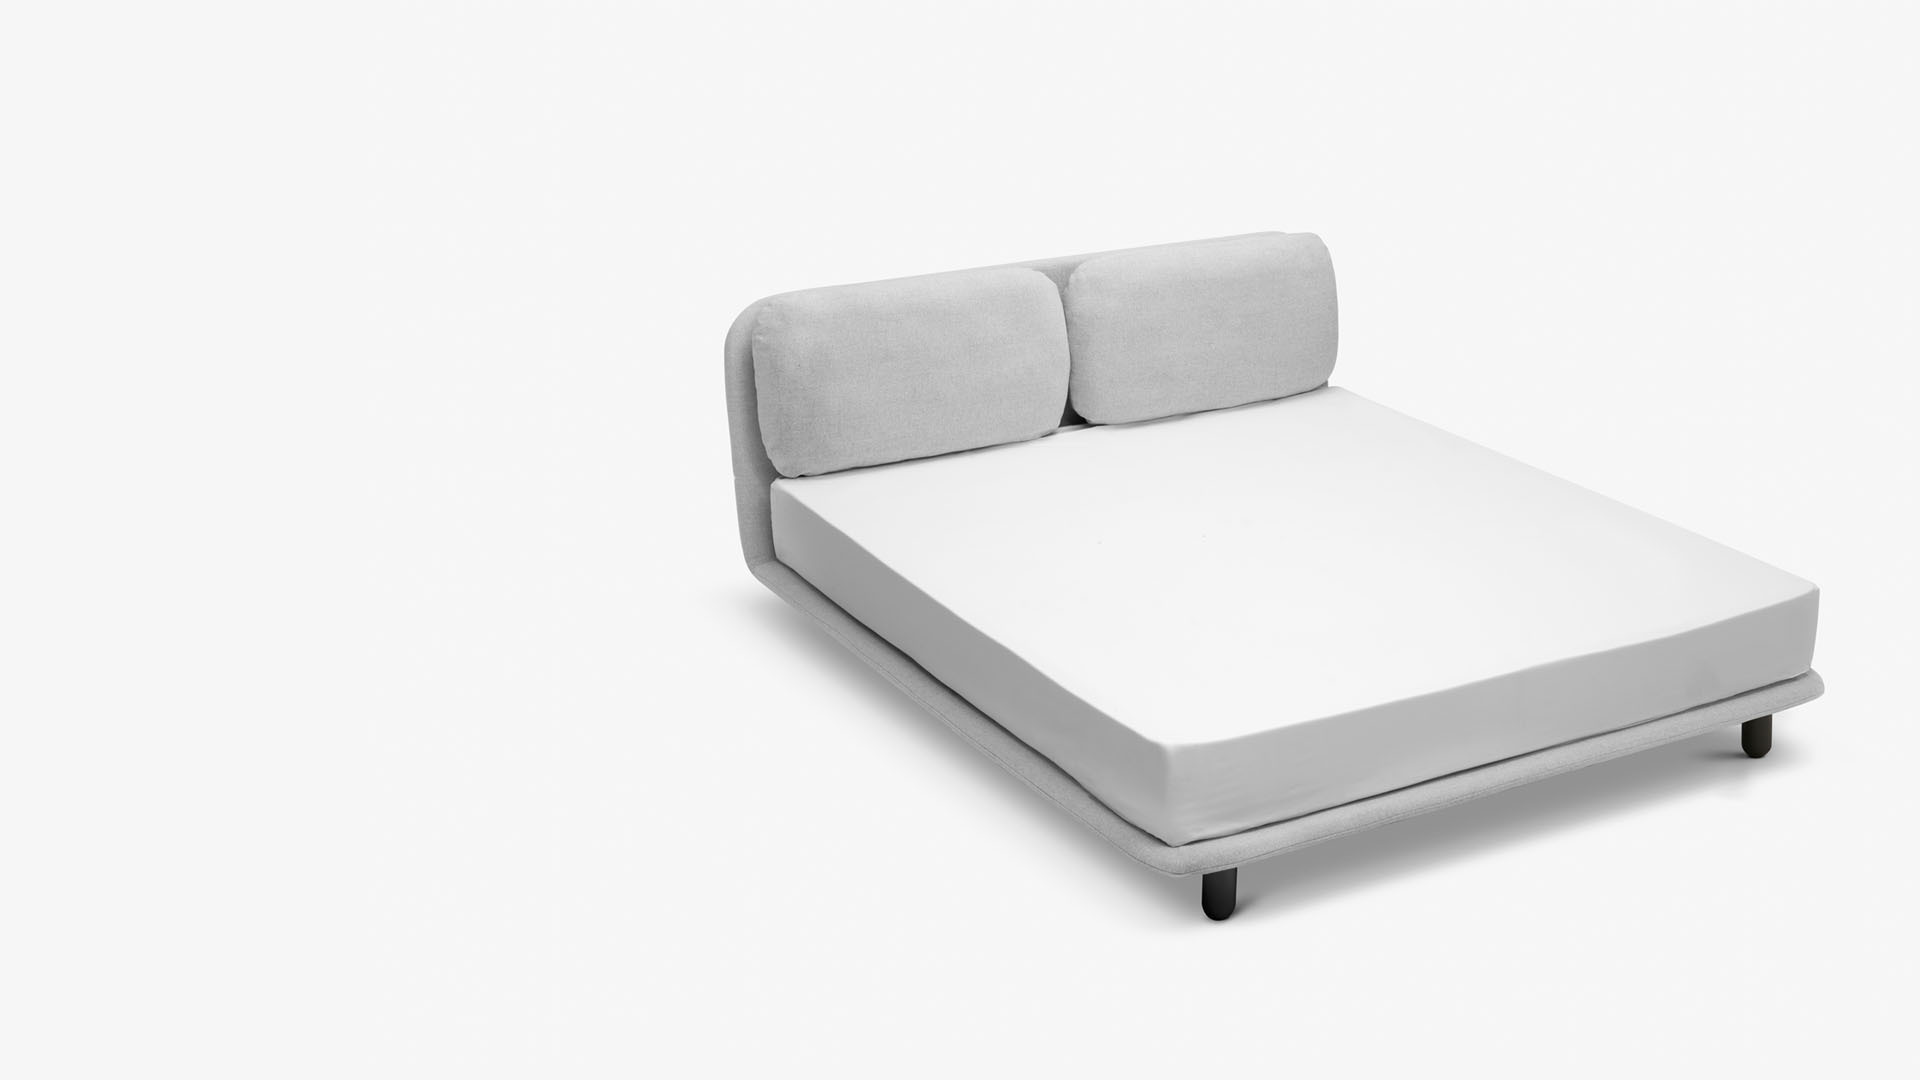 矮腿+无边床围设计<br/>更低重心,更多安全感